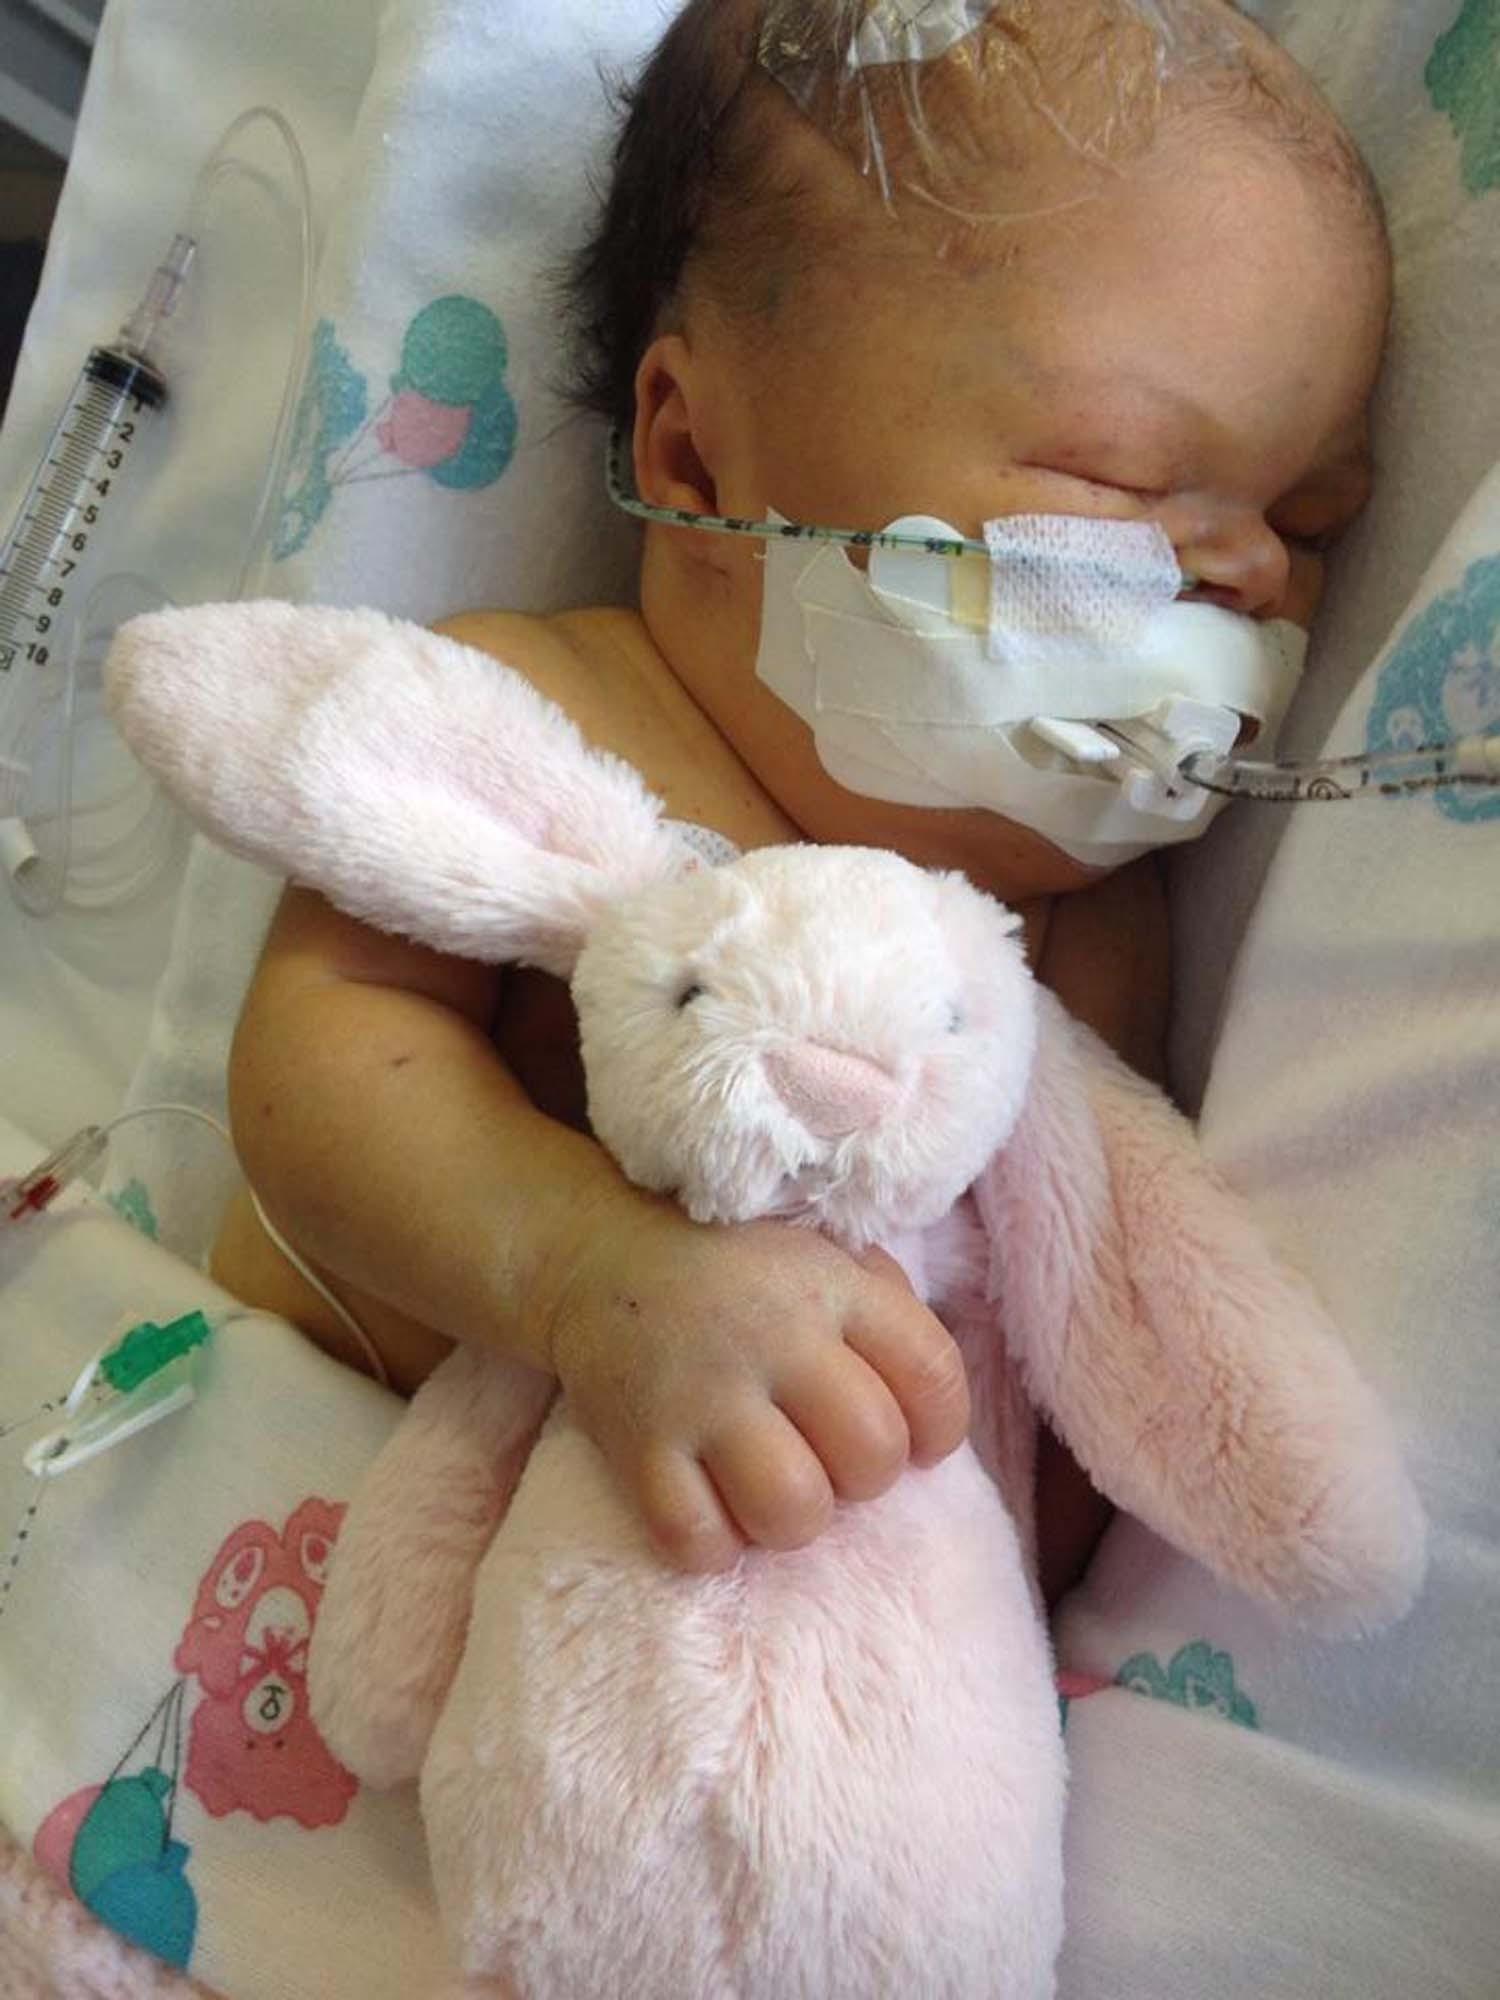 Miracle baby Skye Edwards